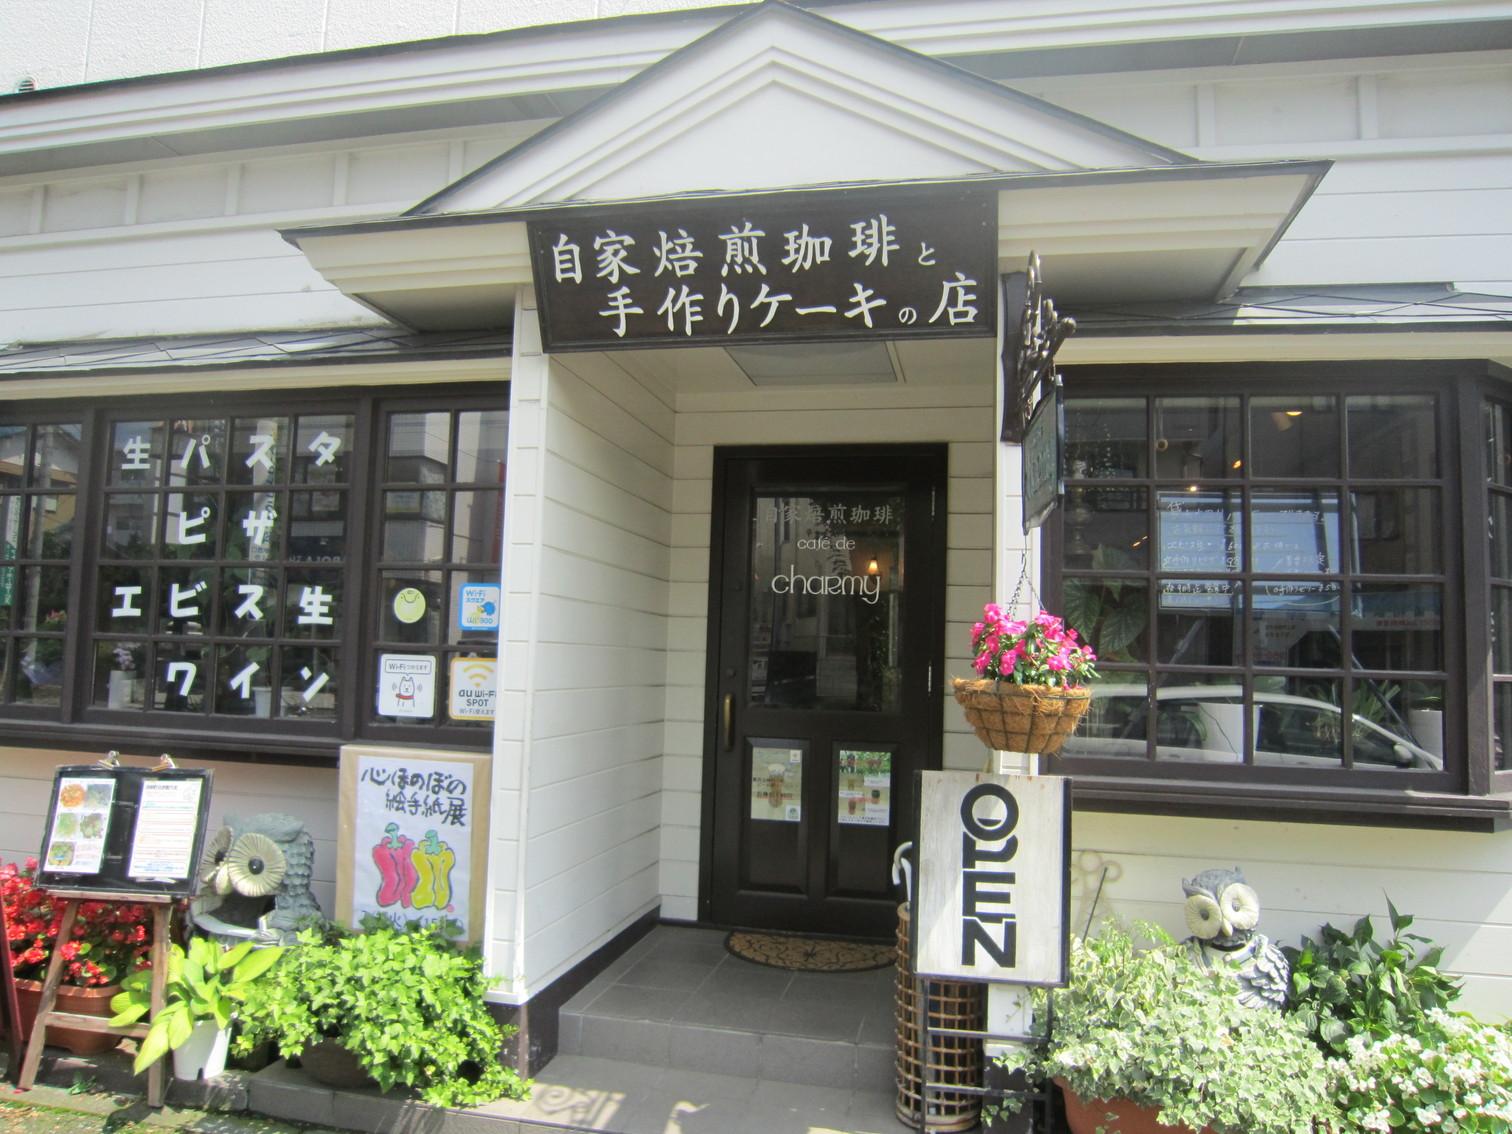 カフェ・ド・ちゃぁみぃ